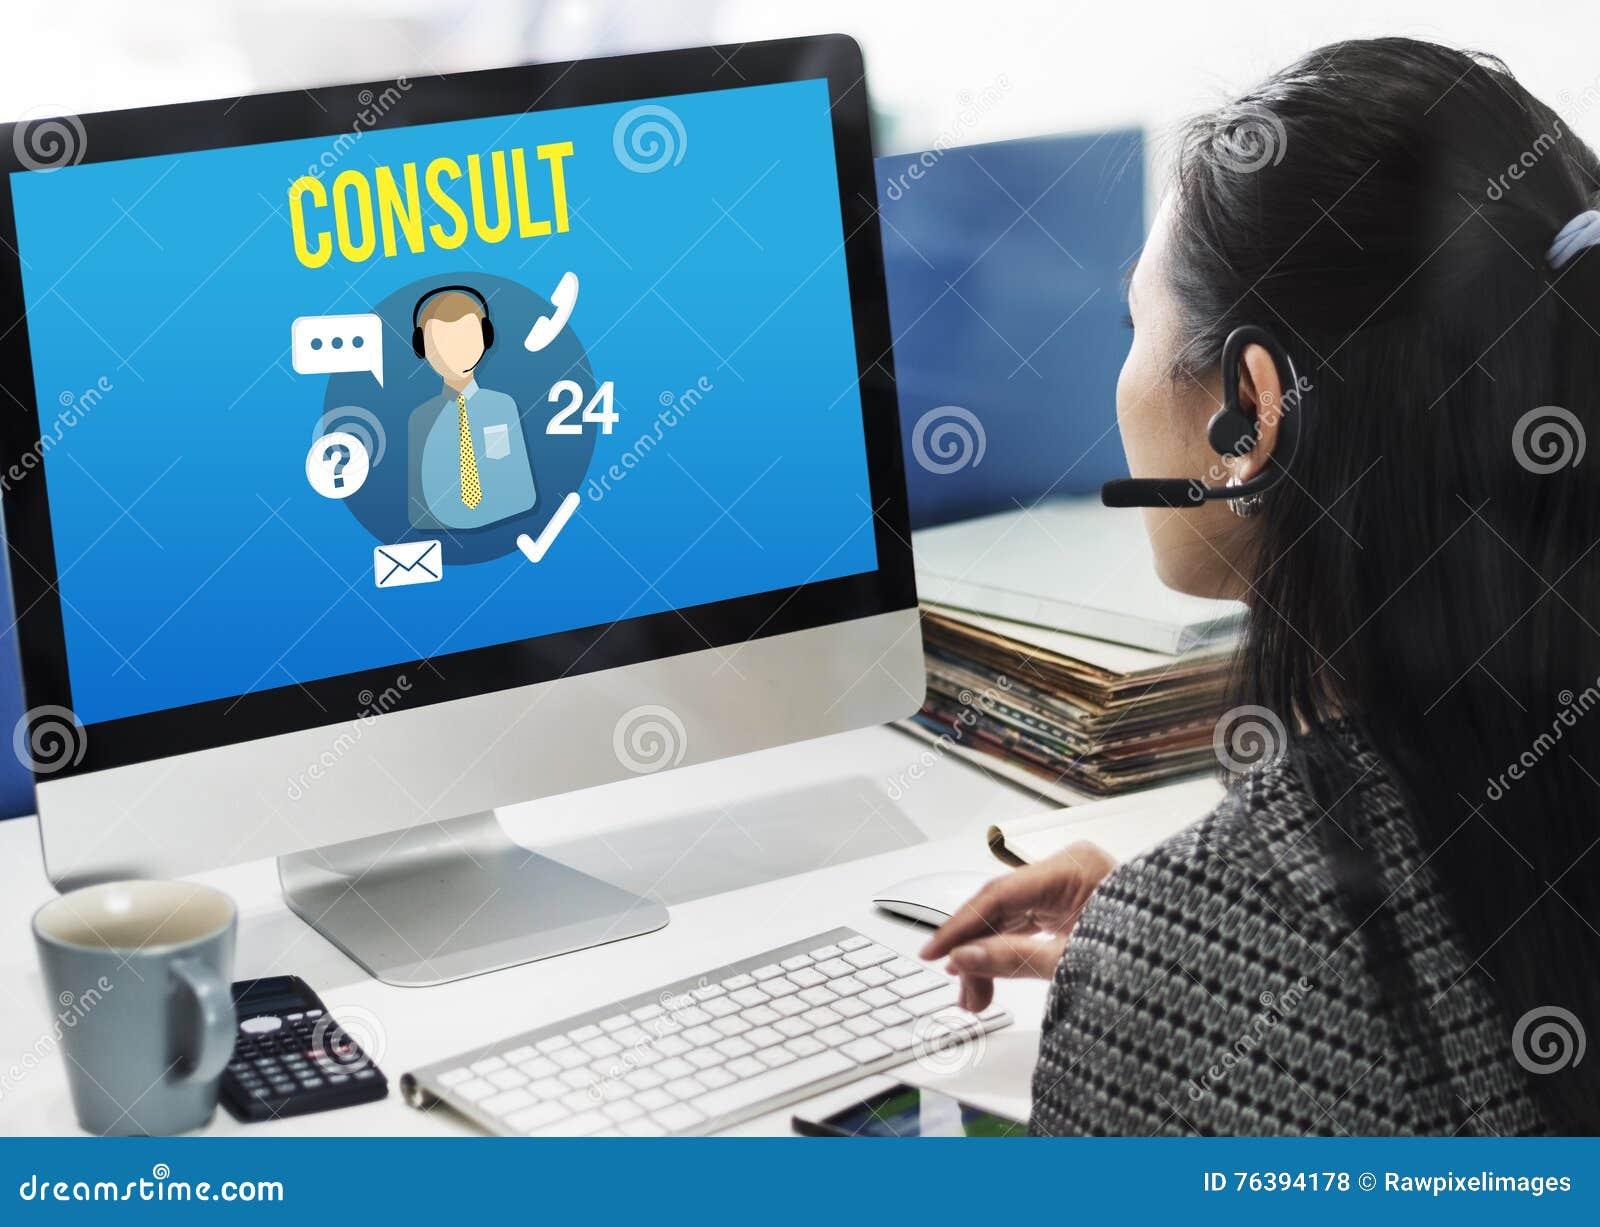 Bitten Sie uns, online zu kaufen sich beraten in Verbindung treten mit uns Kundenbetreuungs-Konzept